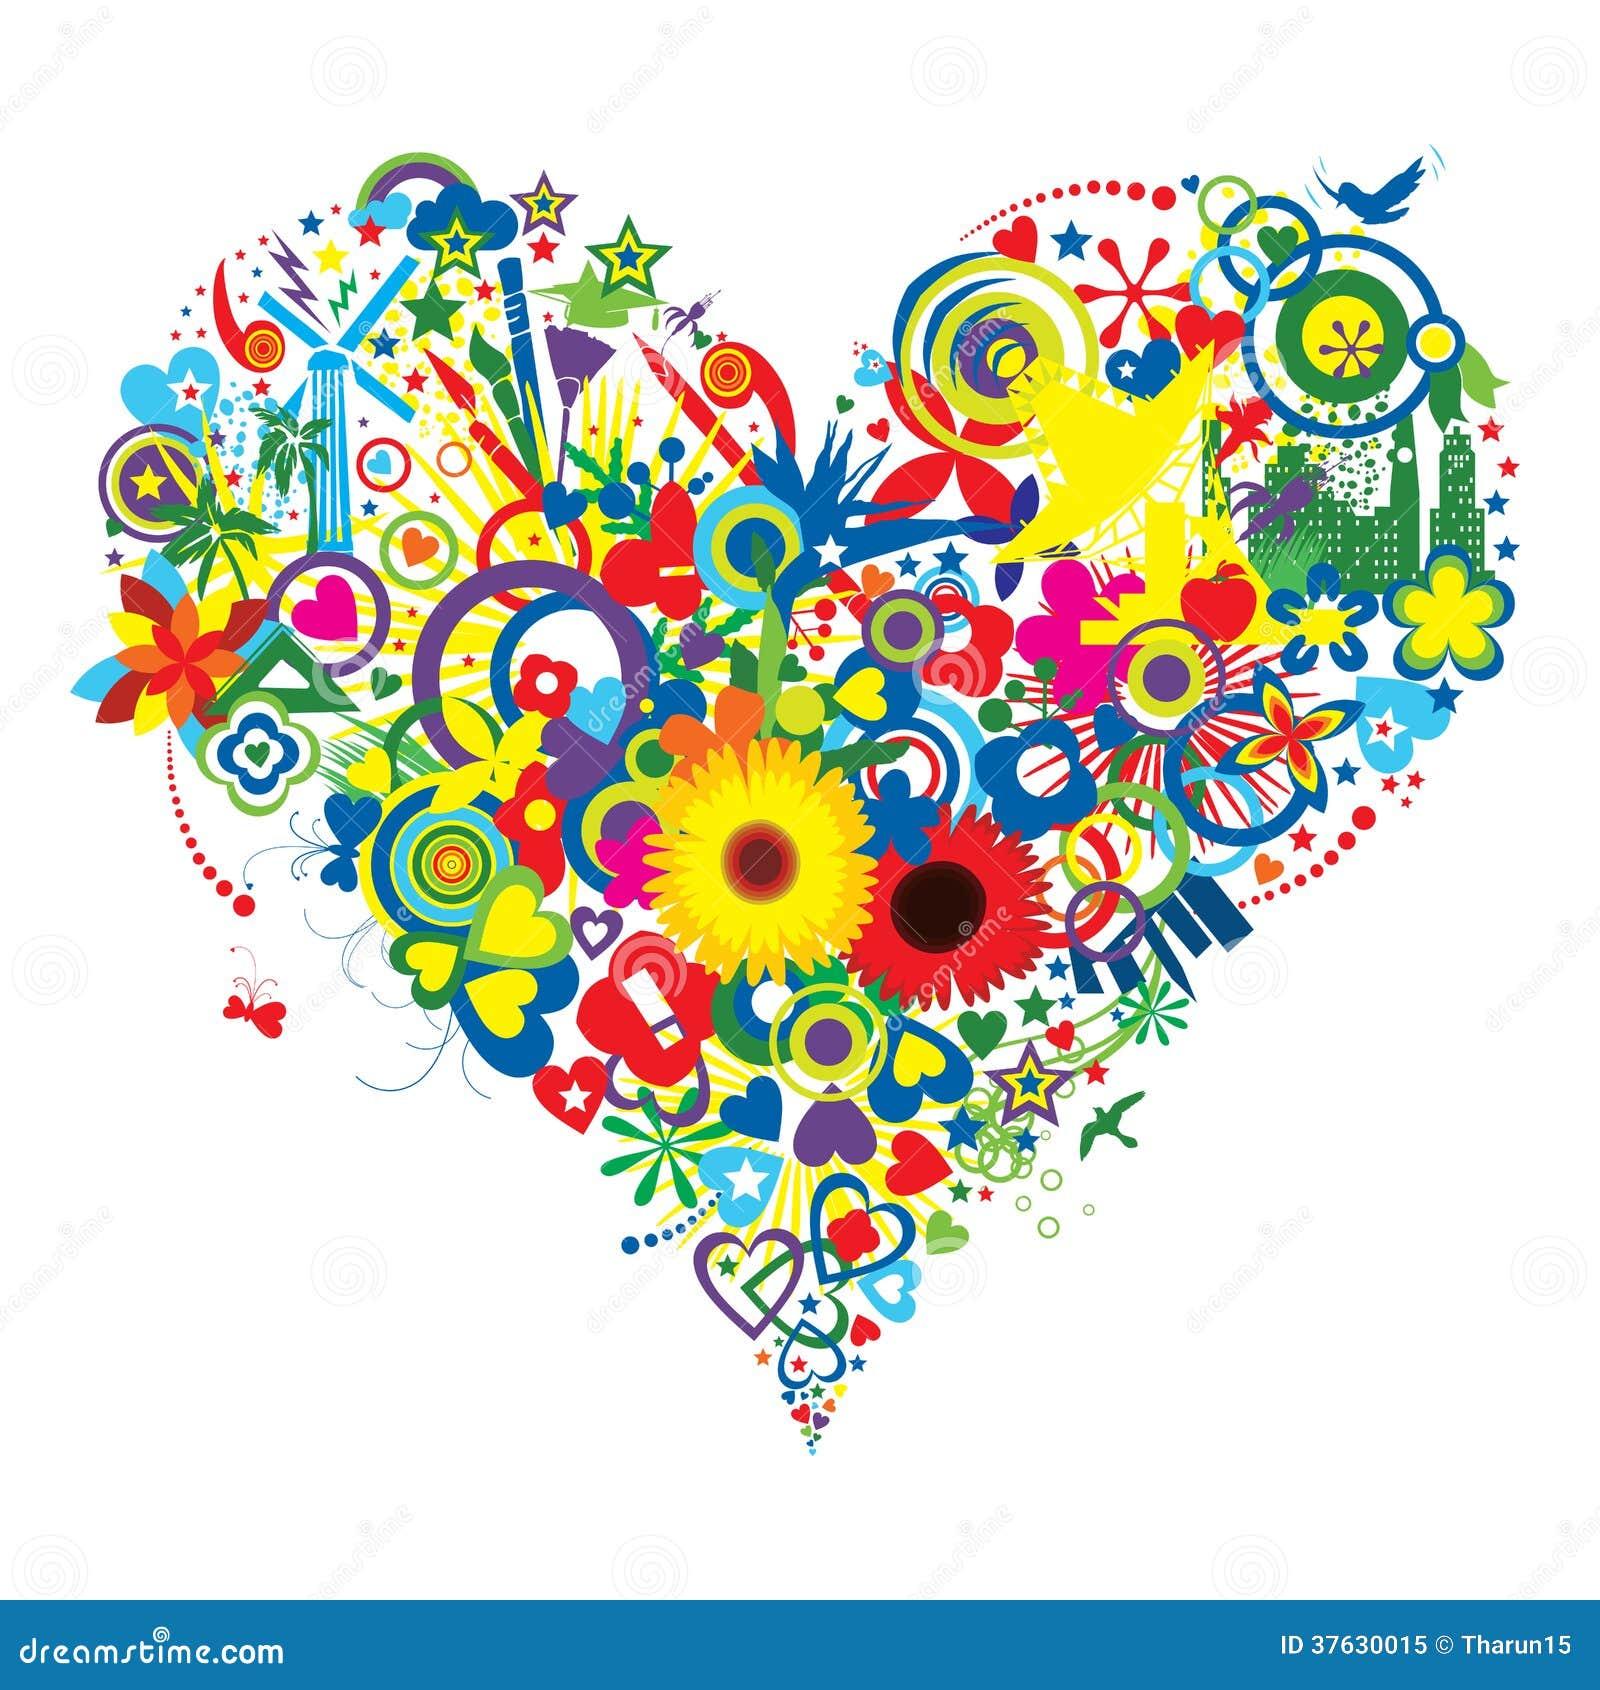 Alegria e amor abundantes